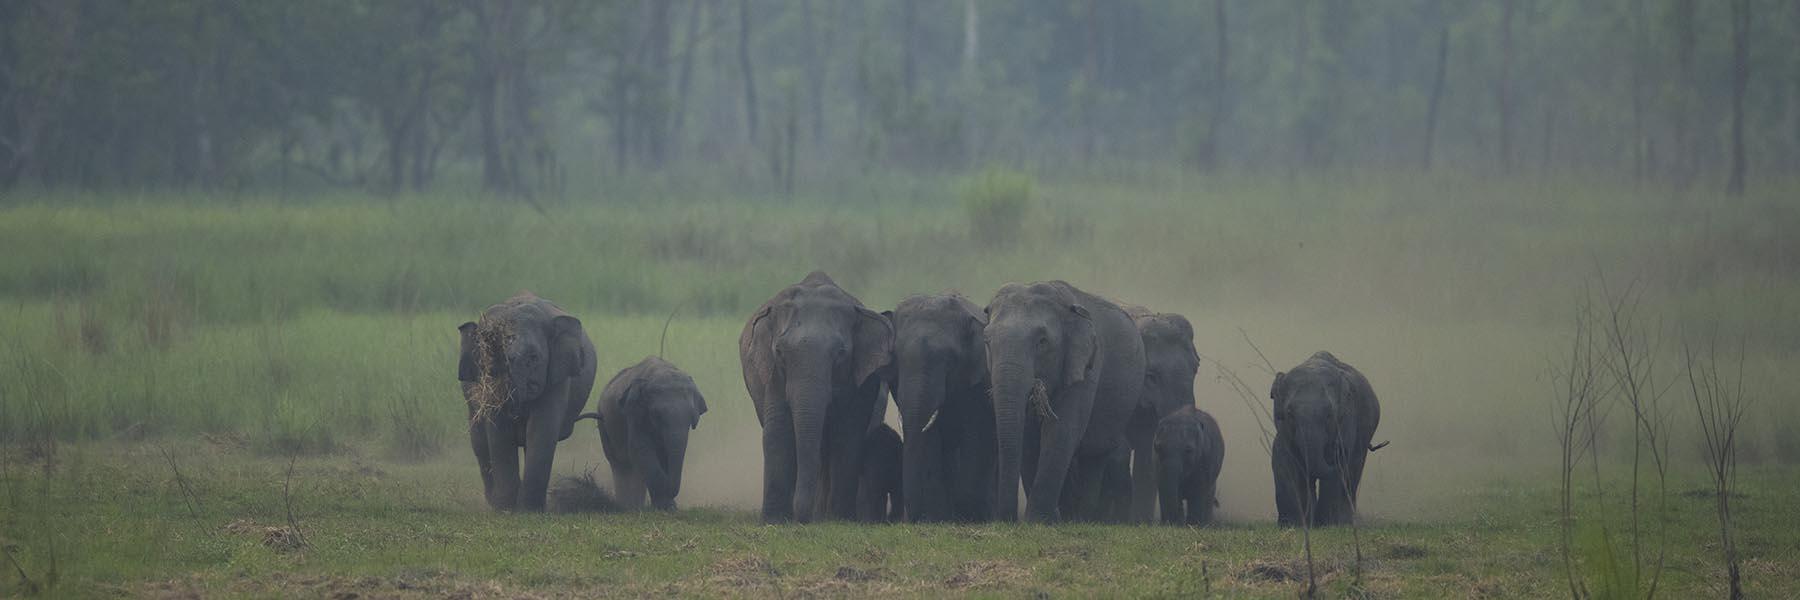 Dudhwa National Park